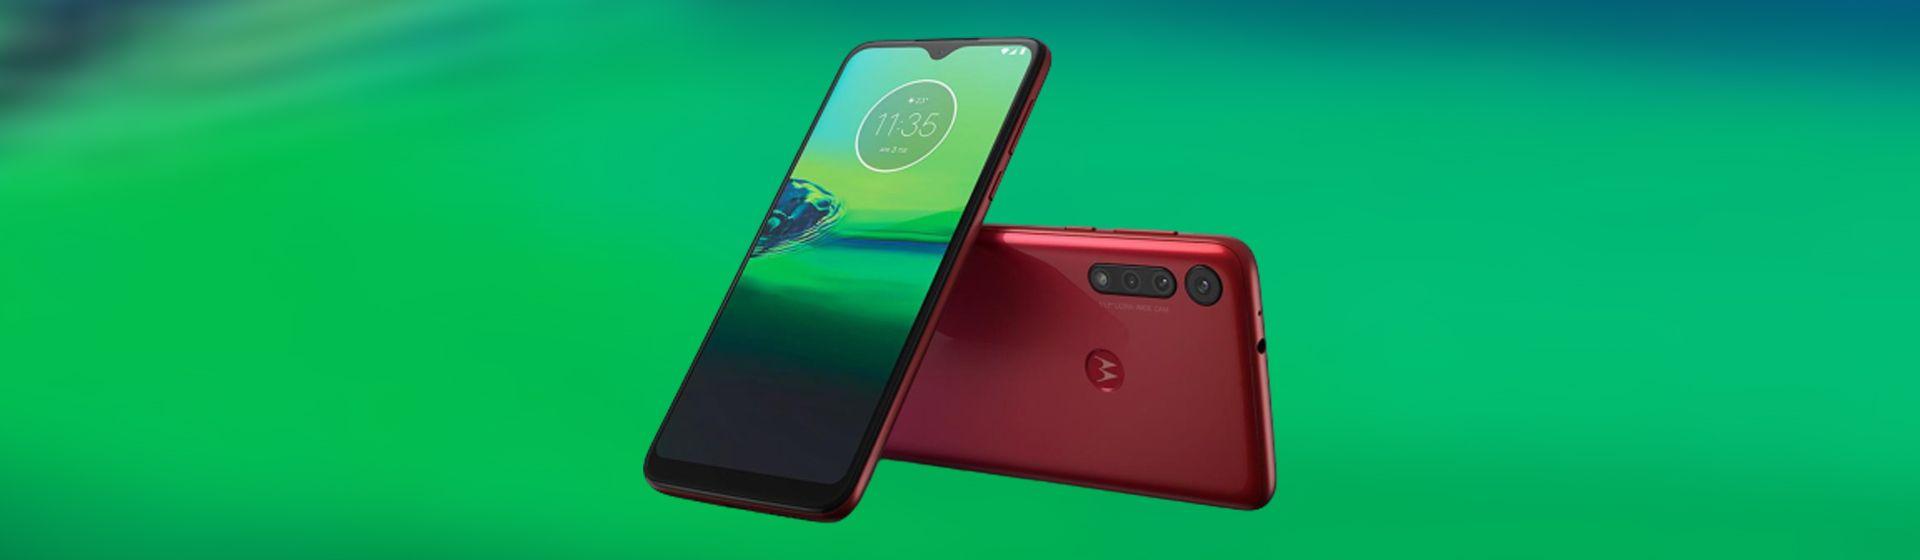 """Moto G8 Play: Análise, ficha técnica e melhores preços do """"basicão"""""""